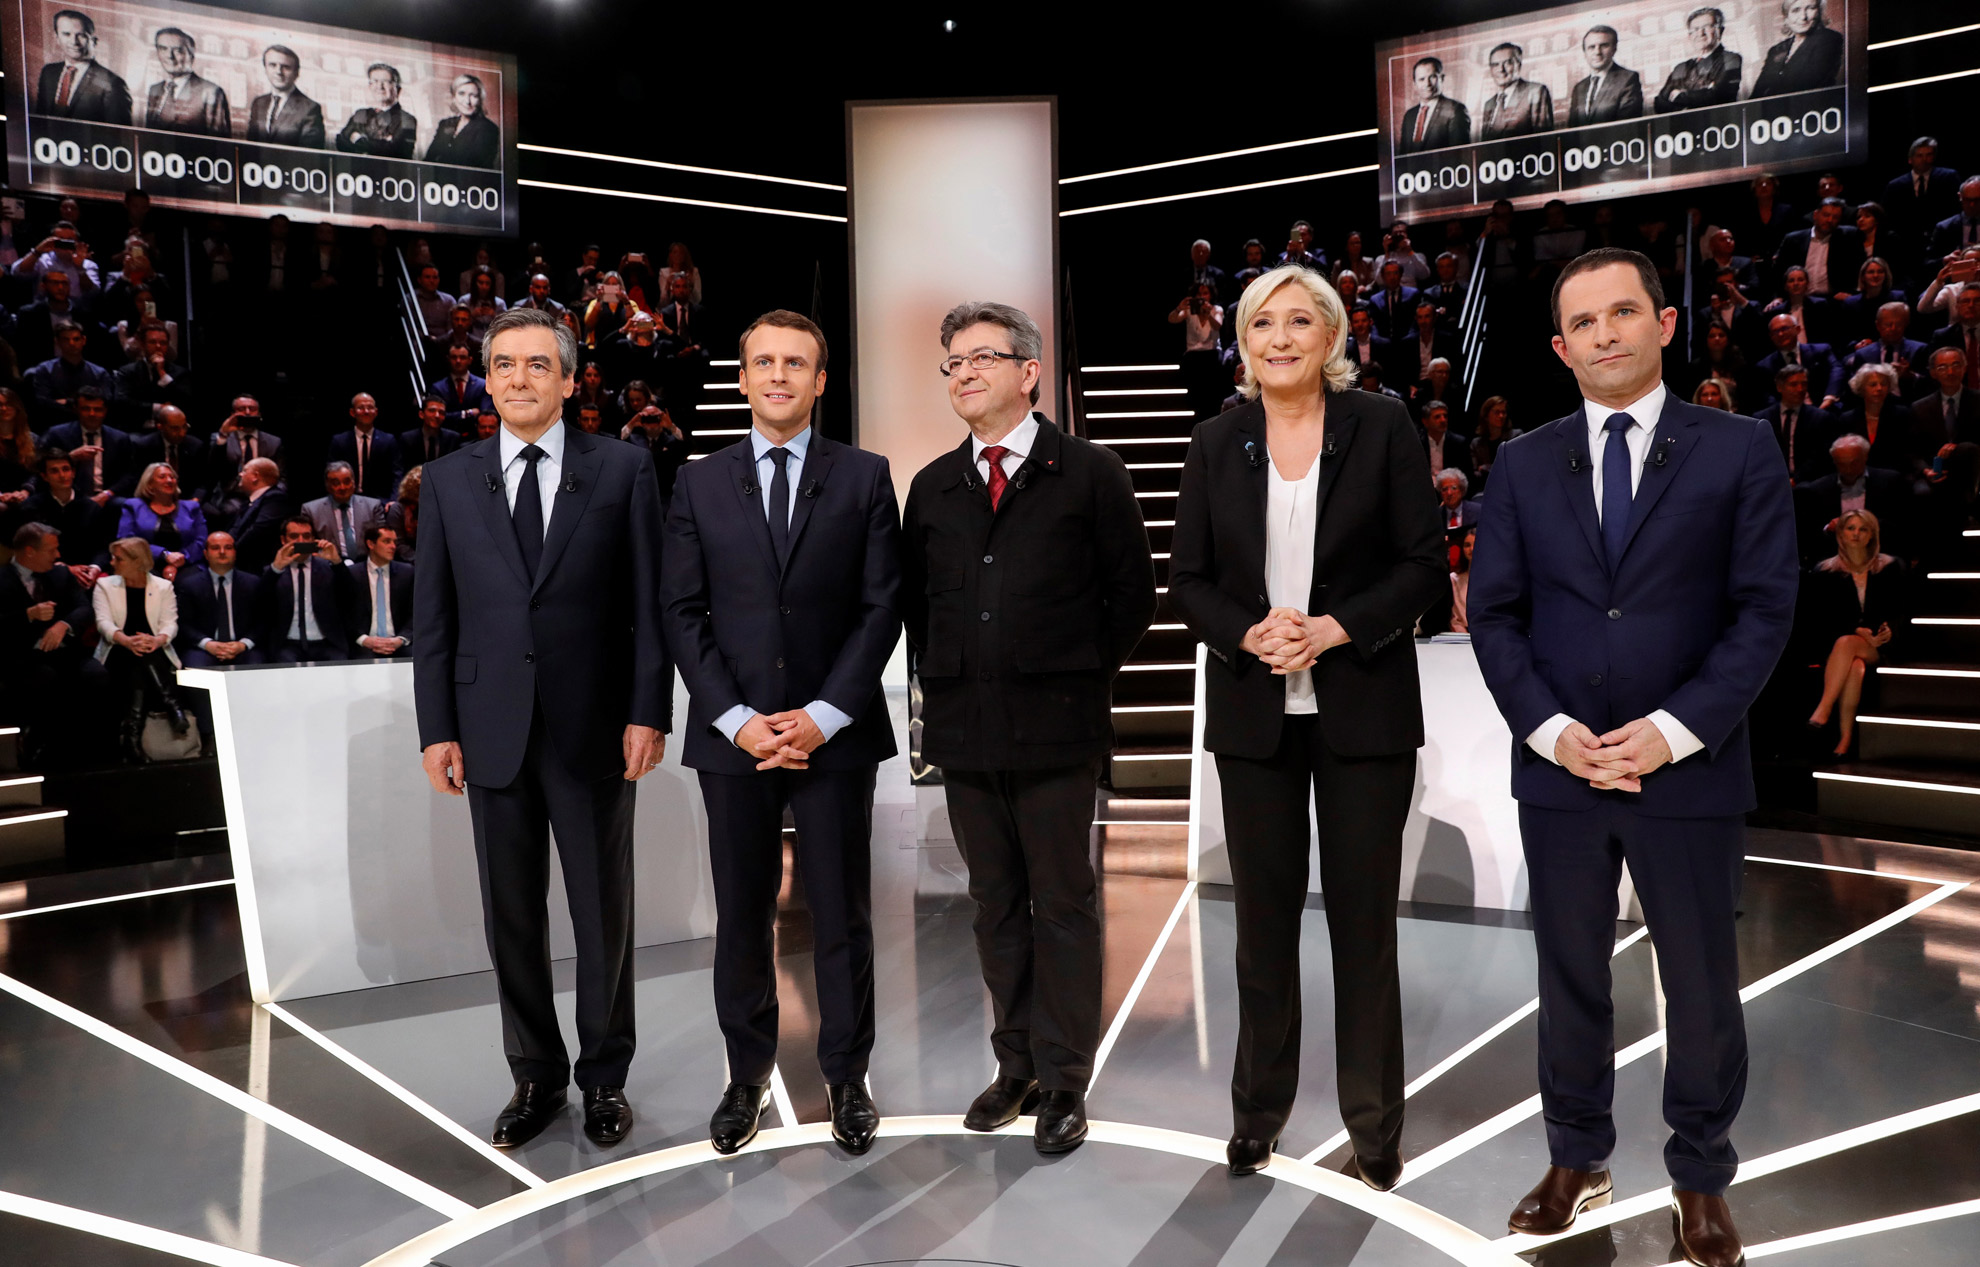 Le Pen, Macron, Fillon, Hamon, Mélenchon   ce qu il faut retenir de leur  prestation 37b56623a298